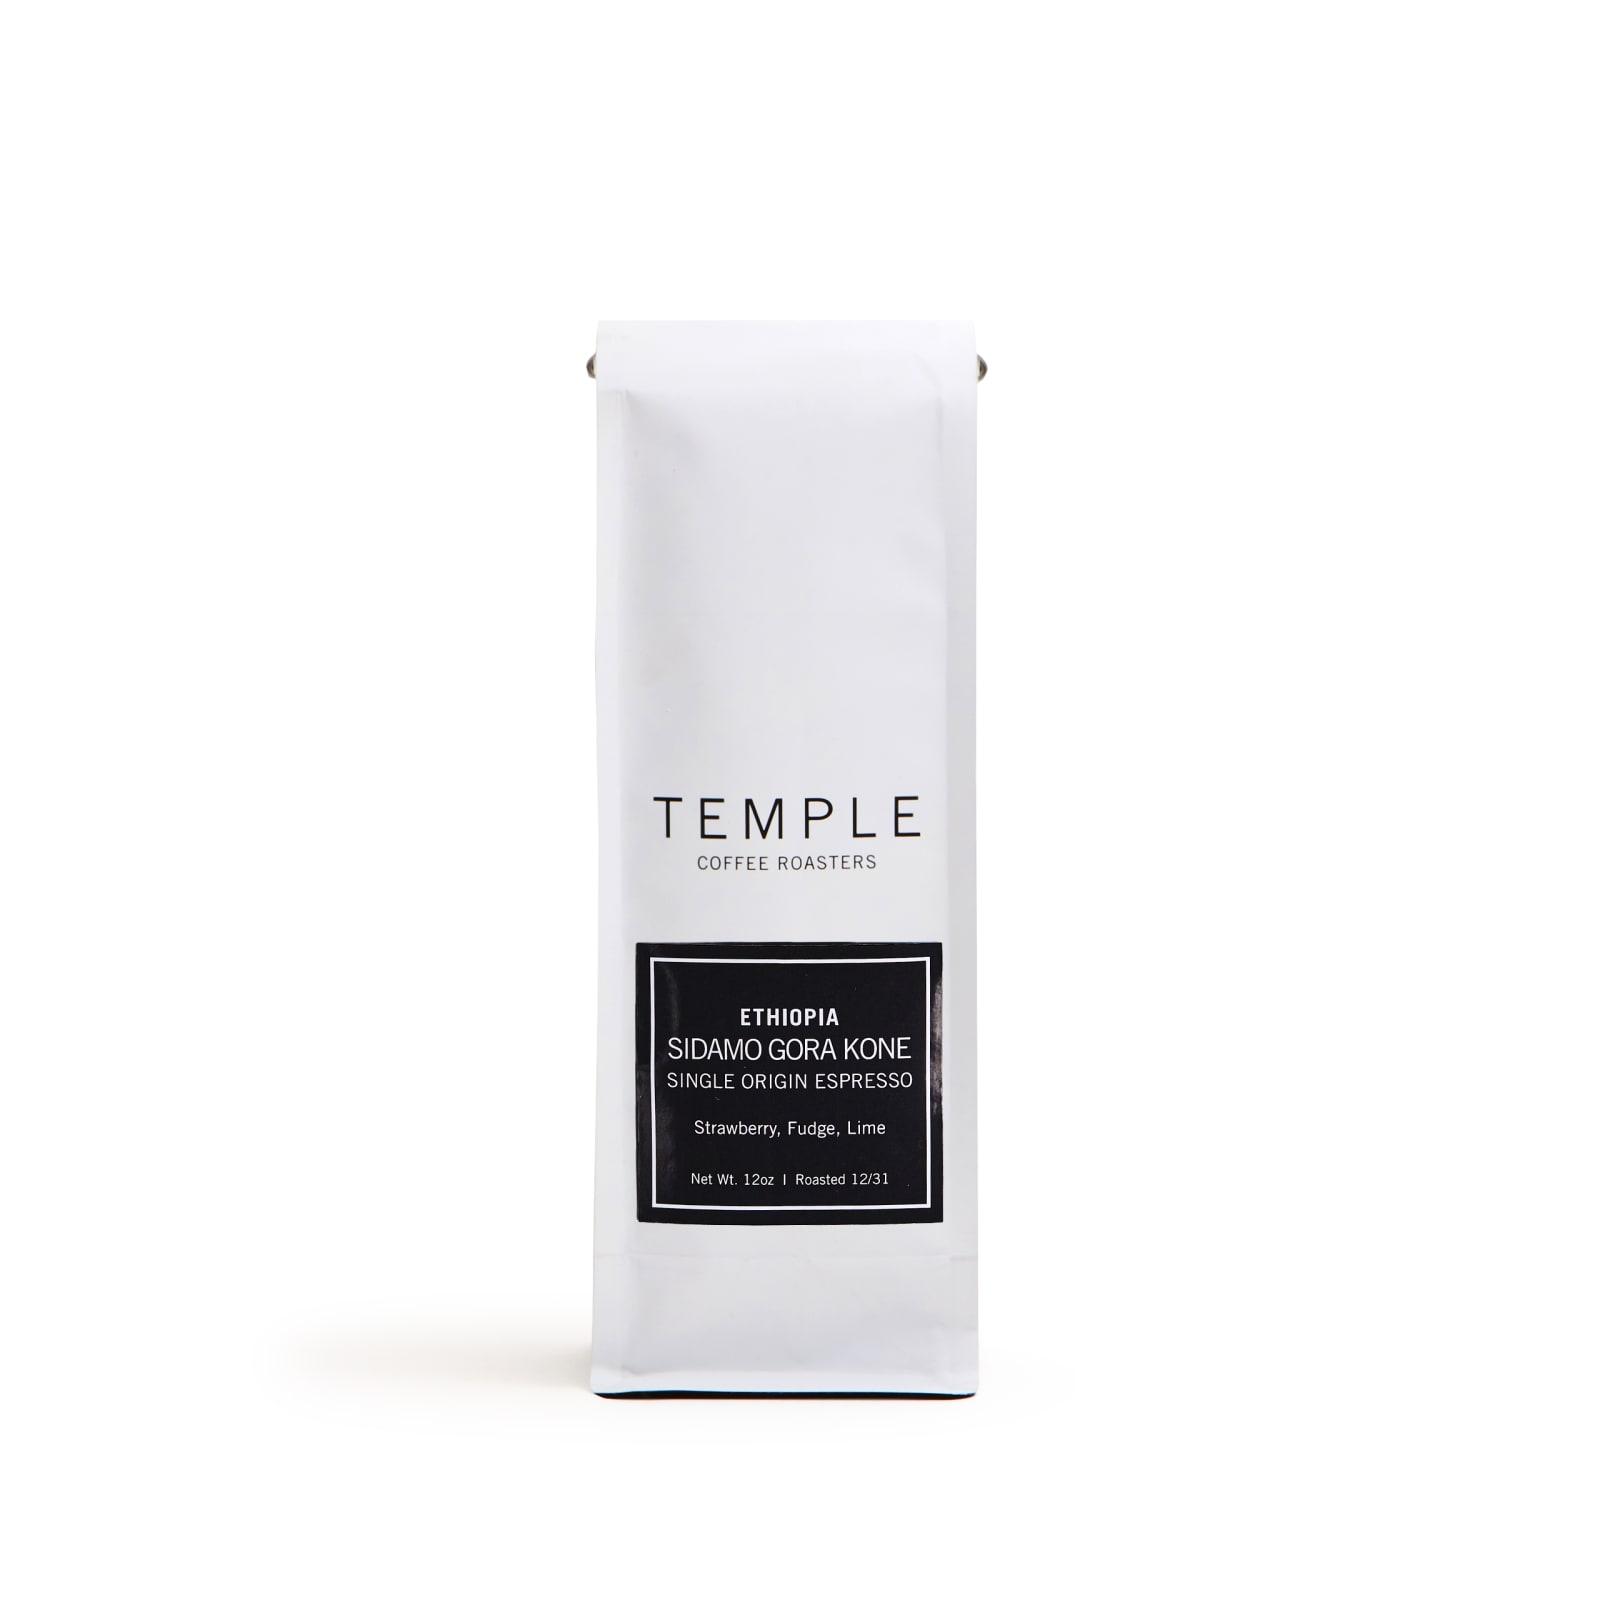 Ethiopia Sidamo Gora Kone Single Origin Espresso